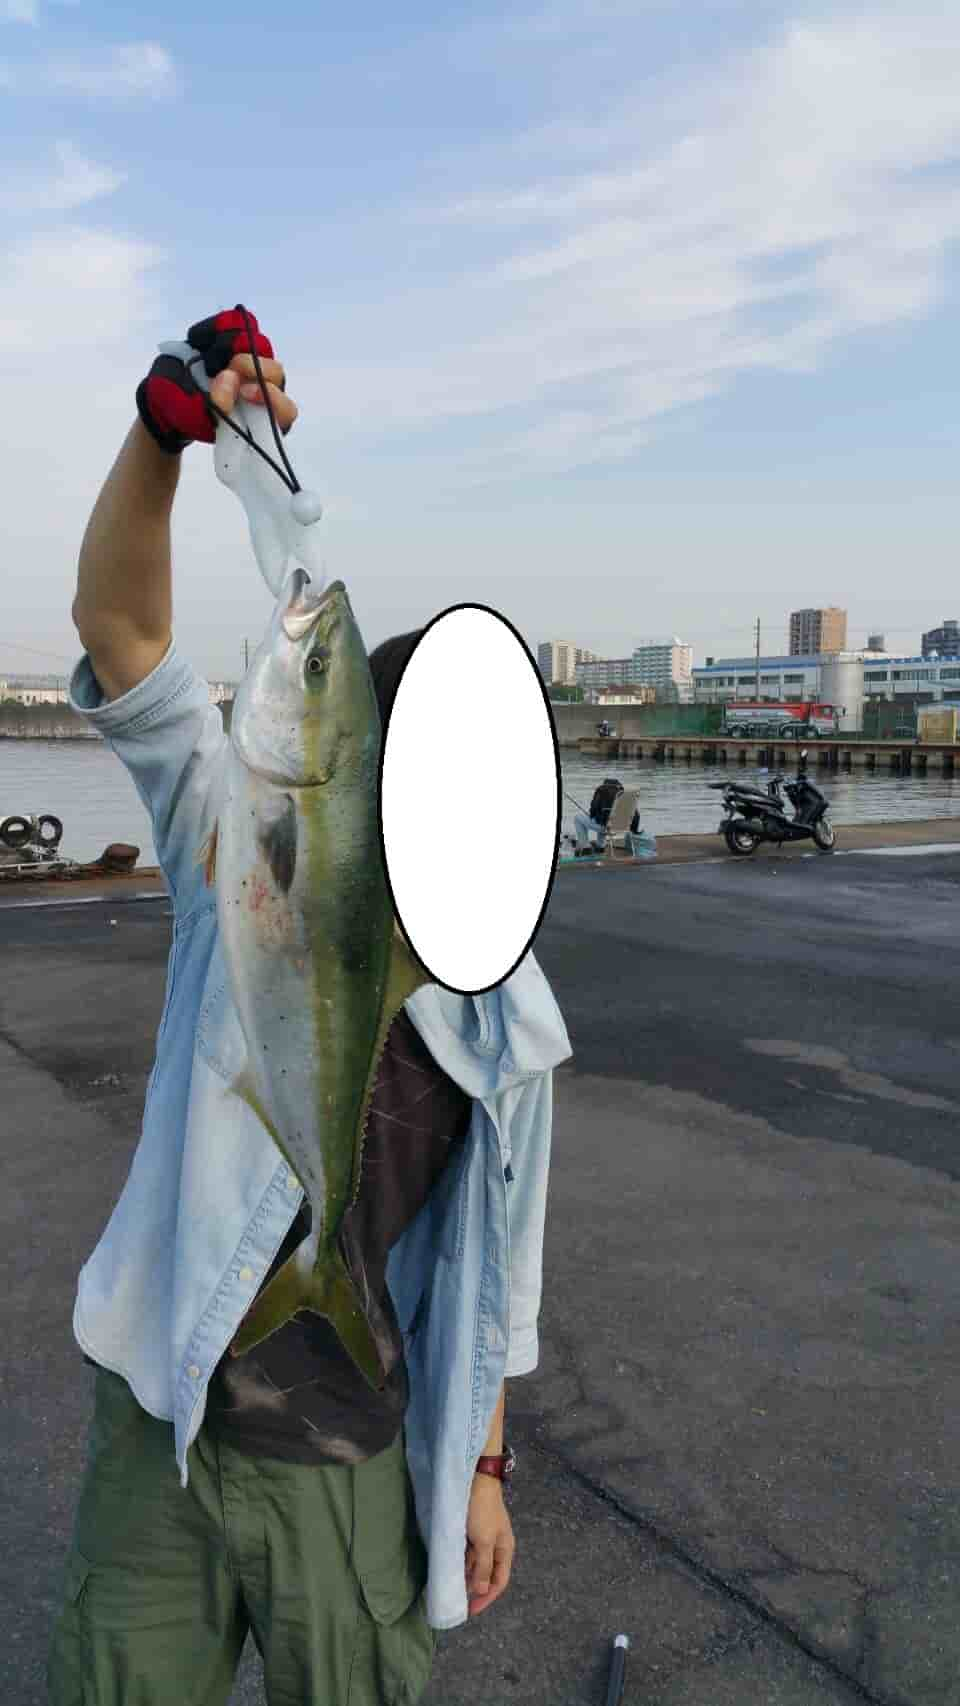 南紀エギングショアジギング釣行と垂水ショアジギングでハマチの釣果情報(平成29年6月4日)